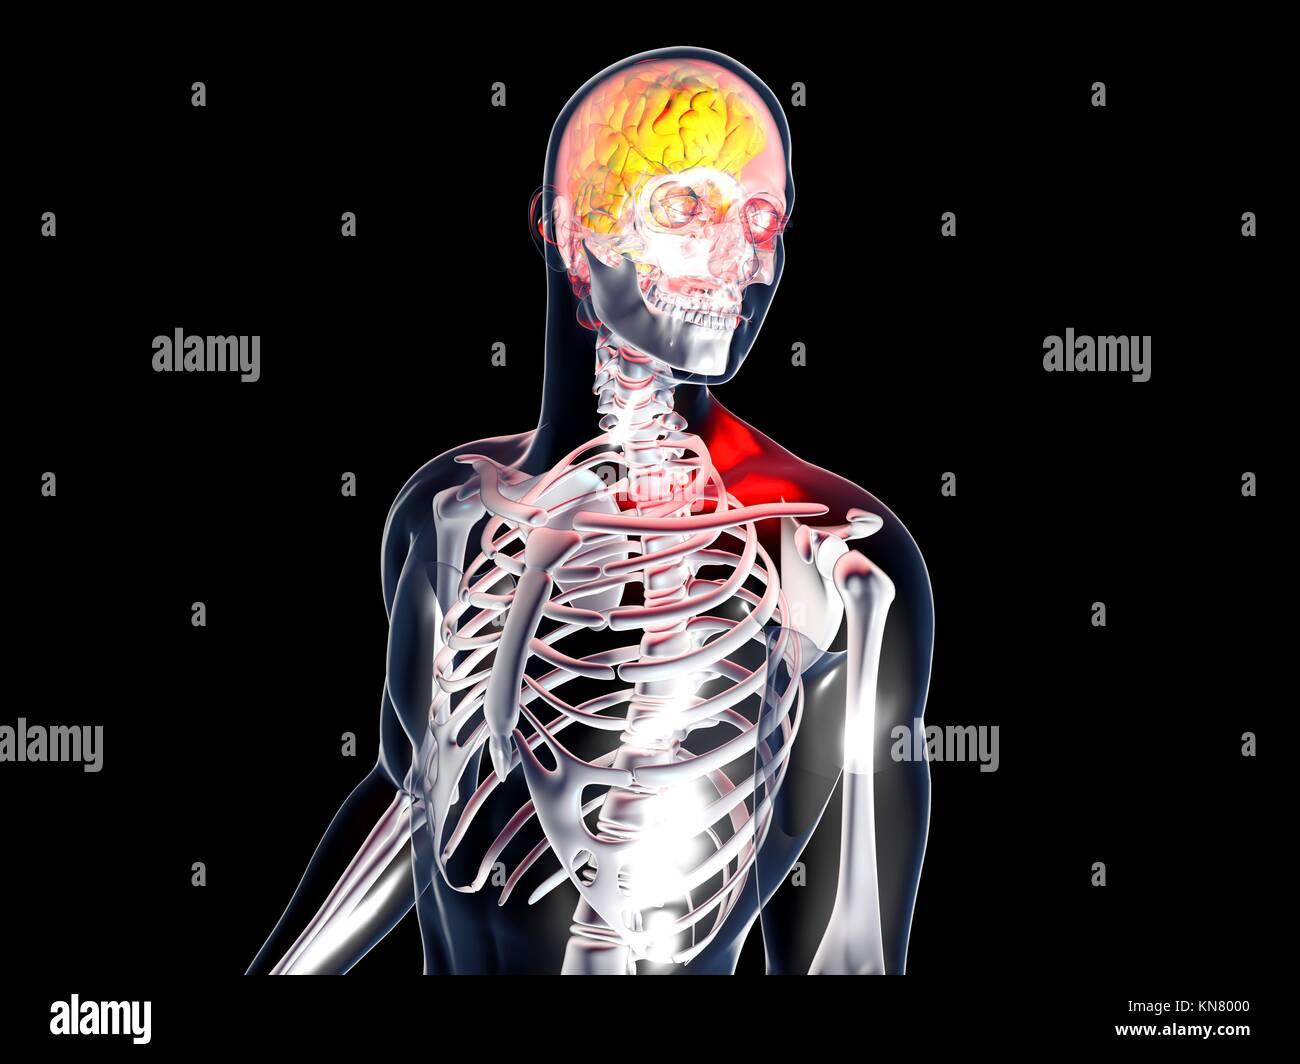 Dolor de cabeza y depresión. Ilustración 3D prestados. Aislados en negro. Imagen De Stock